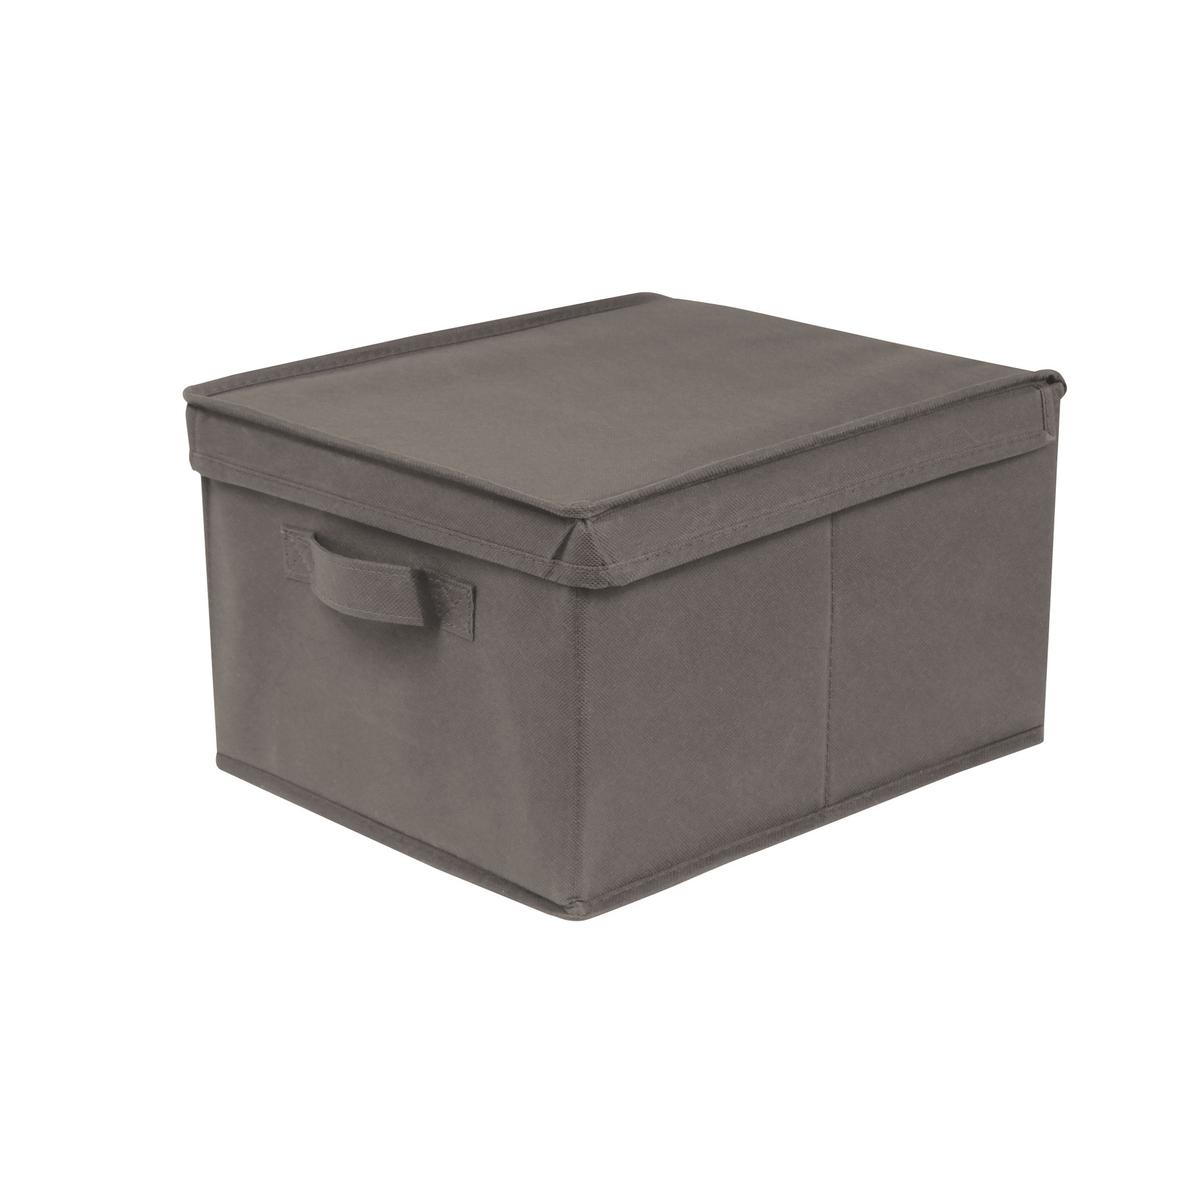 Короб 28 x 20 x 35 см, DeniseЕго прямоугольная форма позволяет хранить перчатки, шарфы, канцелярские товары и различные аксессуары . Детская комната, административные архивы, сезонные вещи или домашний текстиль… короб Denise - ультрапрактичное решение для хранения любых вещей !Характеристики короба Denise  :каркас из картона (толщ.. 1,8 мм)Обивка из ткани, 80 г/м2Описание короба Denise :Ручка спереди Крышки открывается вверх СкладнойКороба различных размеров можно найти на нашем сайте Откройте для себя всю коллекцию Denise на сайте laredoute.ruРазмеры короба Denise:Ш.28 x В.35 x Г.20 см .<br><br>Цвет: бирюзовый,серо-коричневый каштан